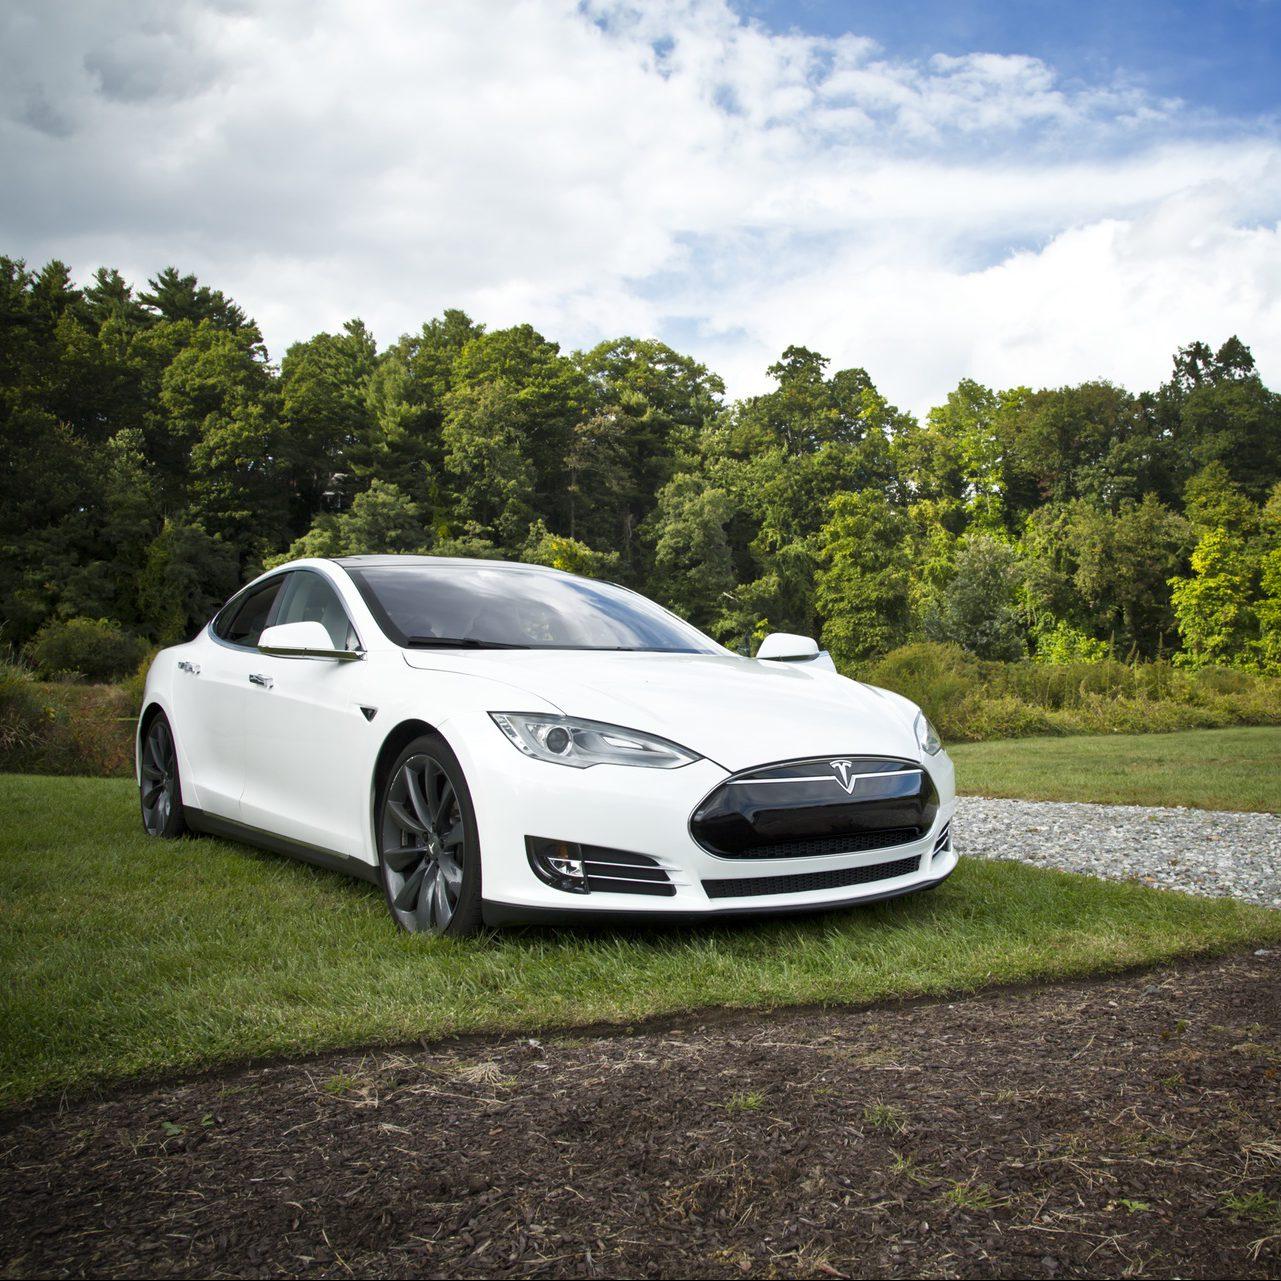 Tödlicher Tesla-Unfall: Irrtümer und Rechtsfolgen